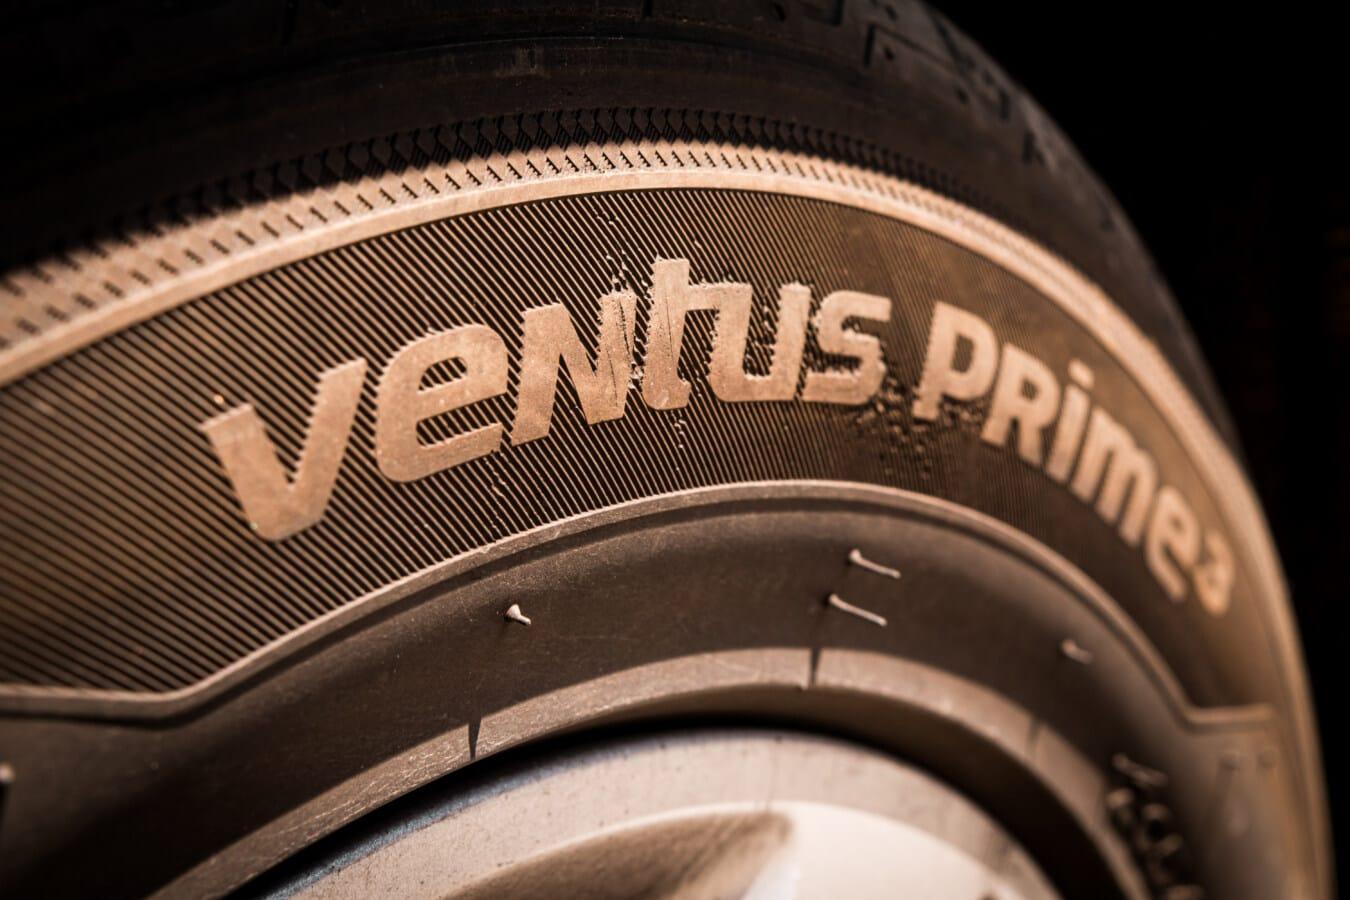 Textur, aus nächster Nähe, Kautschuk, Reifen, Symbol, Text, Zeichen, Runde, Kreis, alt